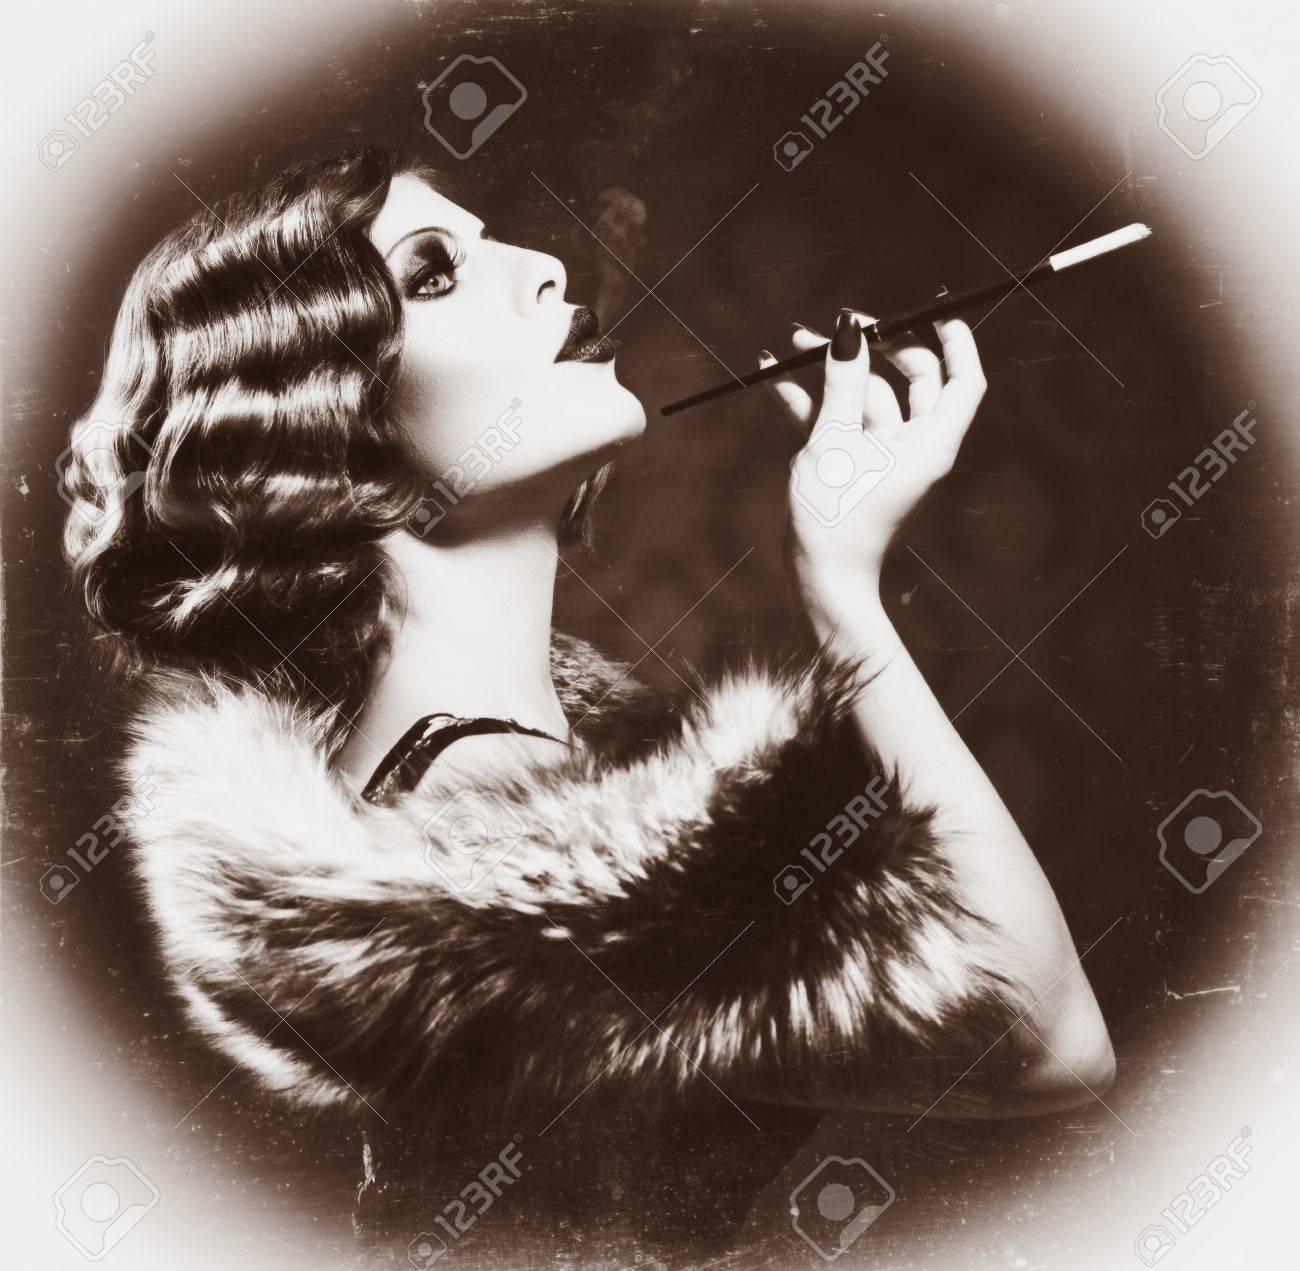 Smoking Retro Woman  Vintage Styled Black and White Photo Stock Photo - 22132798